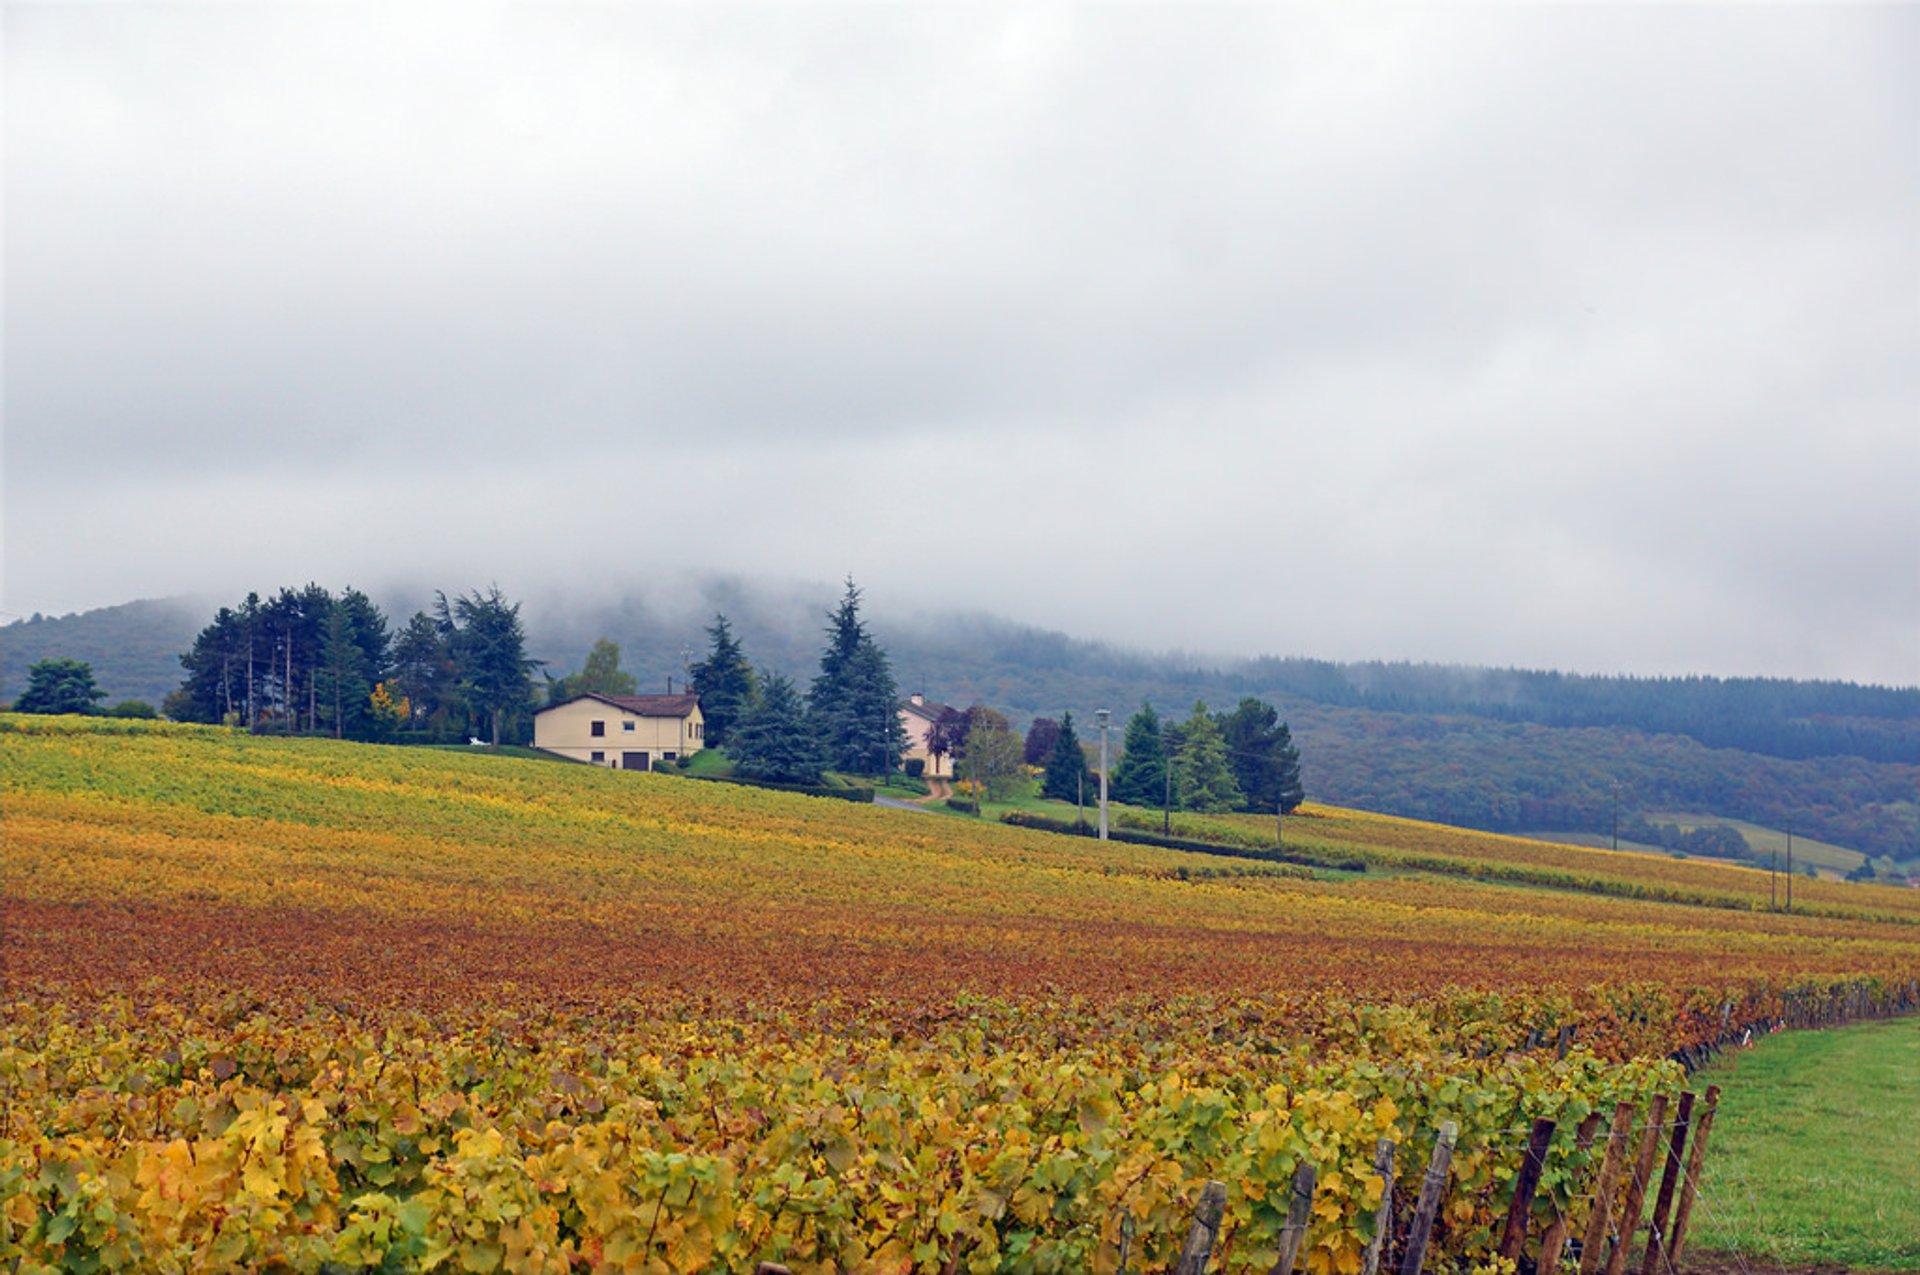 Collongette, Lugny 2020